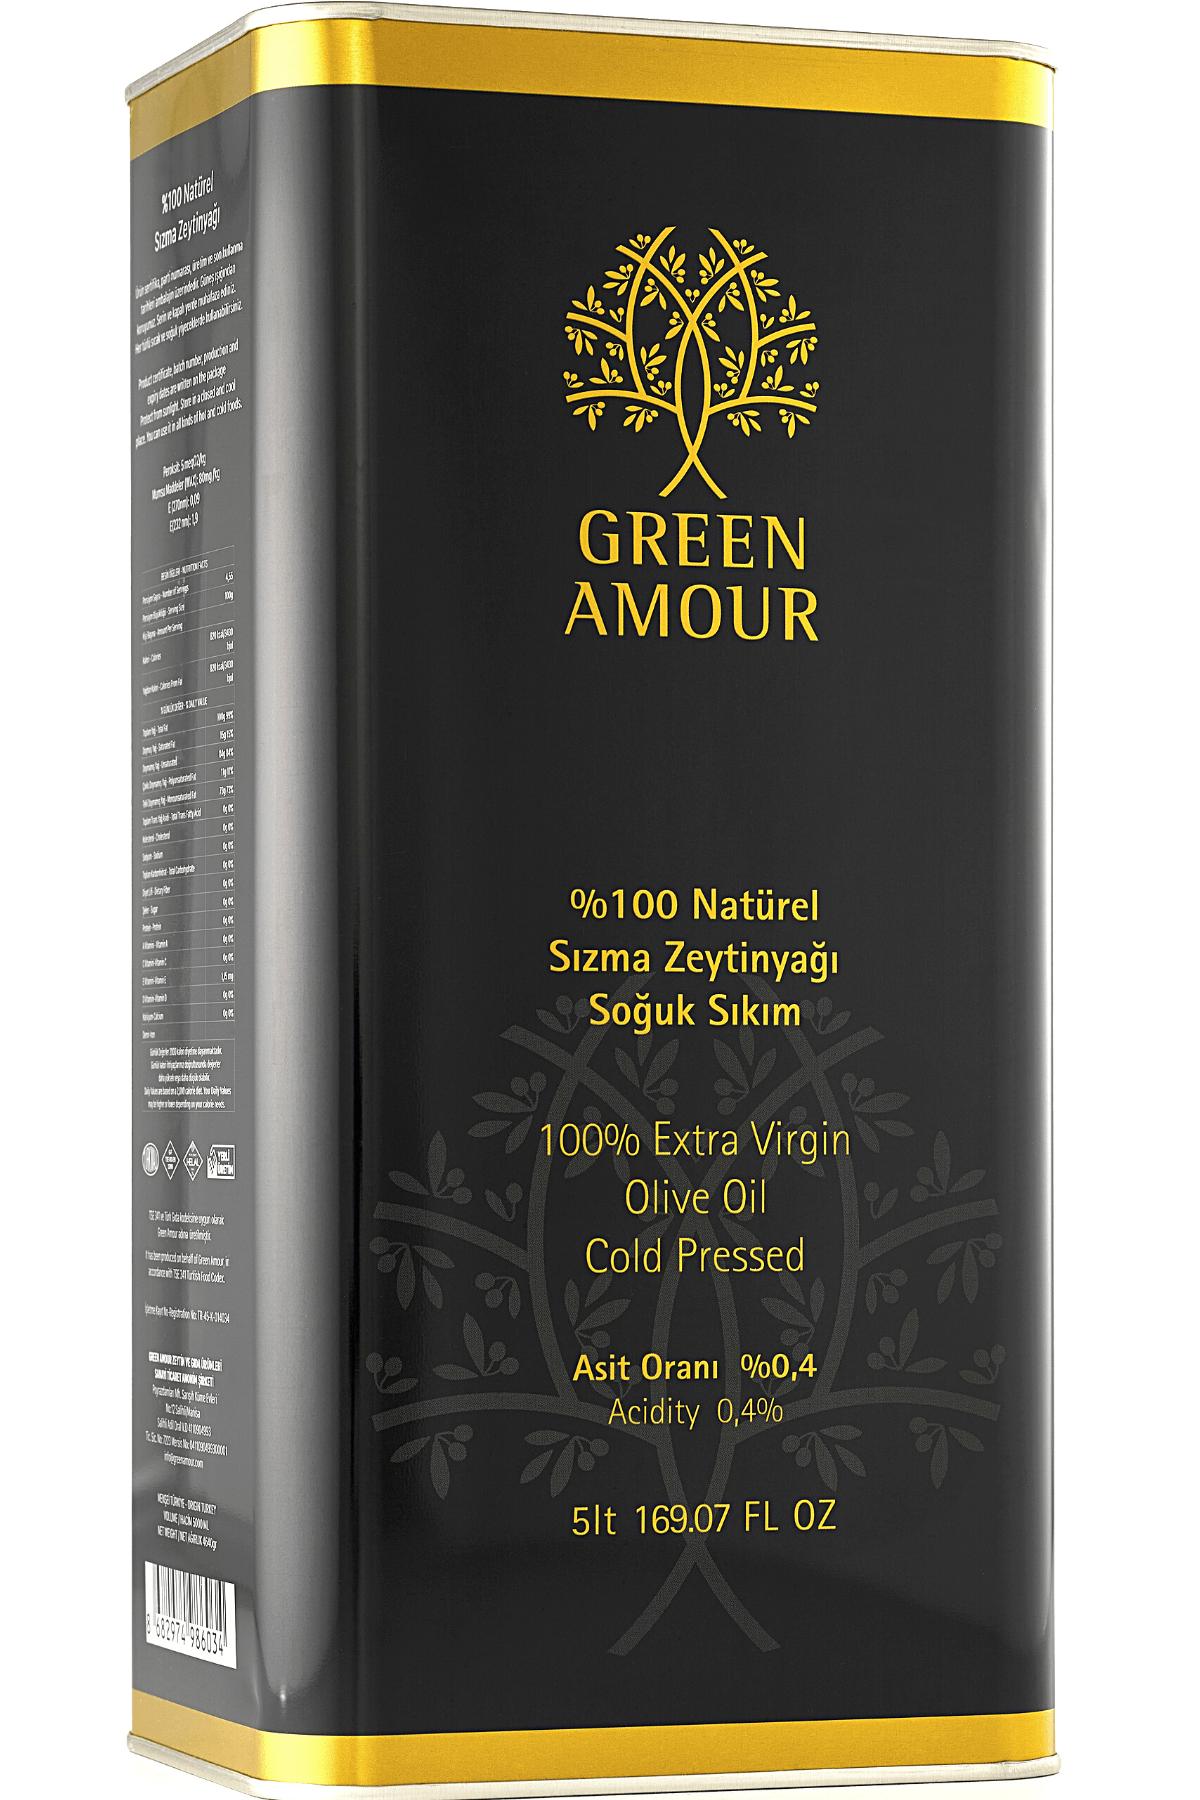 Green Amour Yeni Hasat %100 Natürel Sızma Zeytinyağı Soğuk Sıkım Düşük Asit - Yüksek Polifenol 5 lt 1